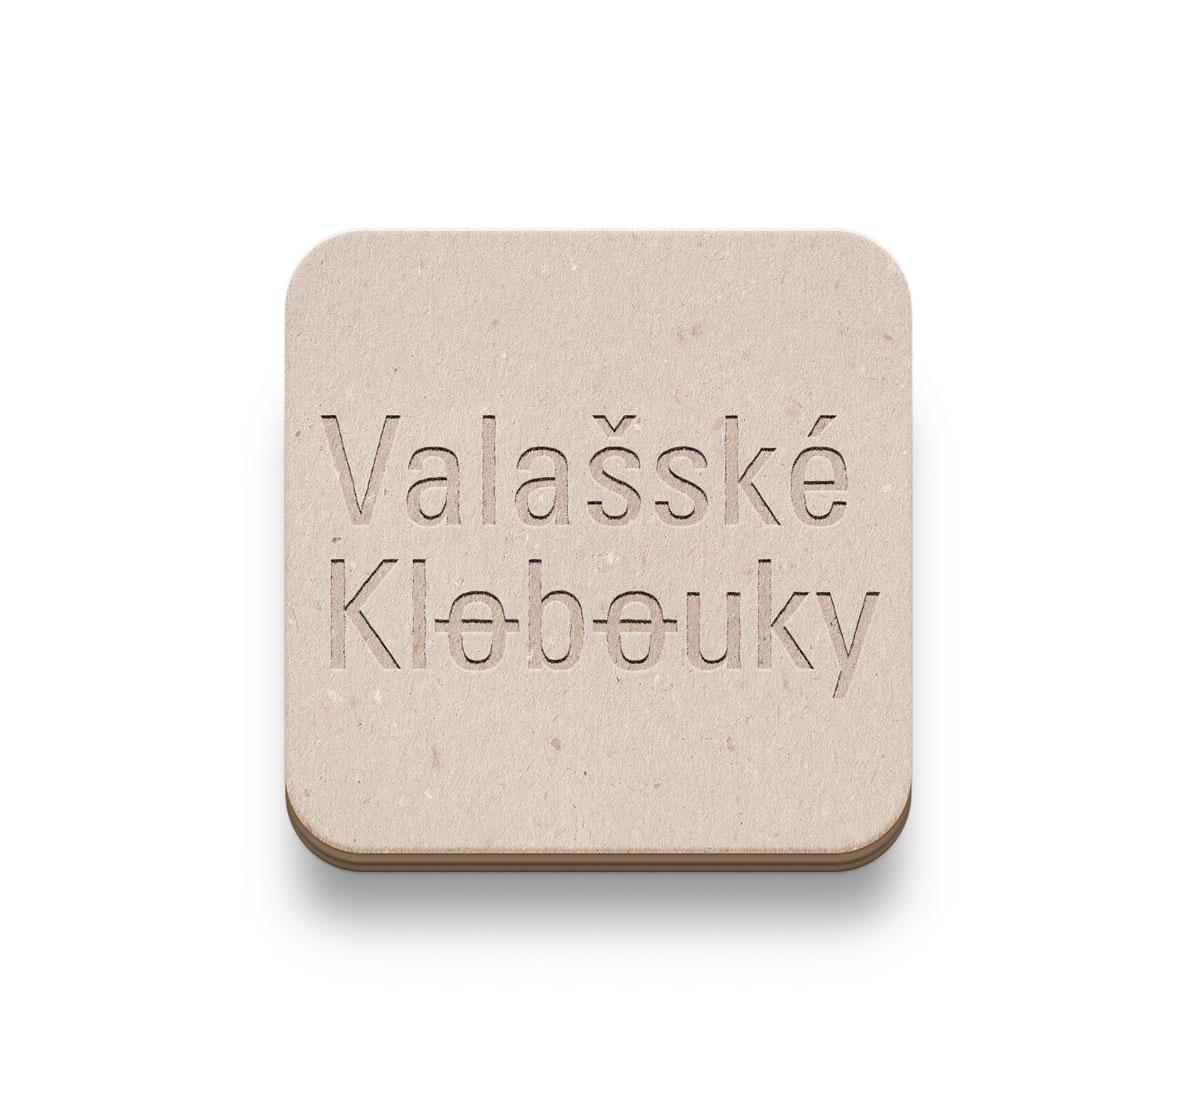 Hledm Archivy   Region Valasko